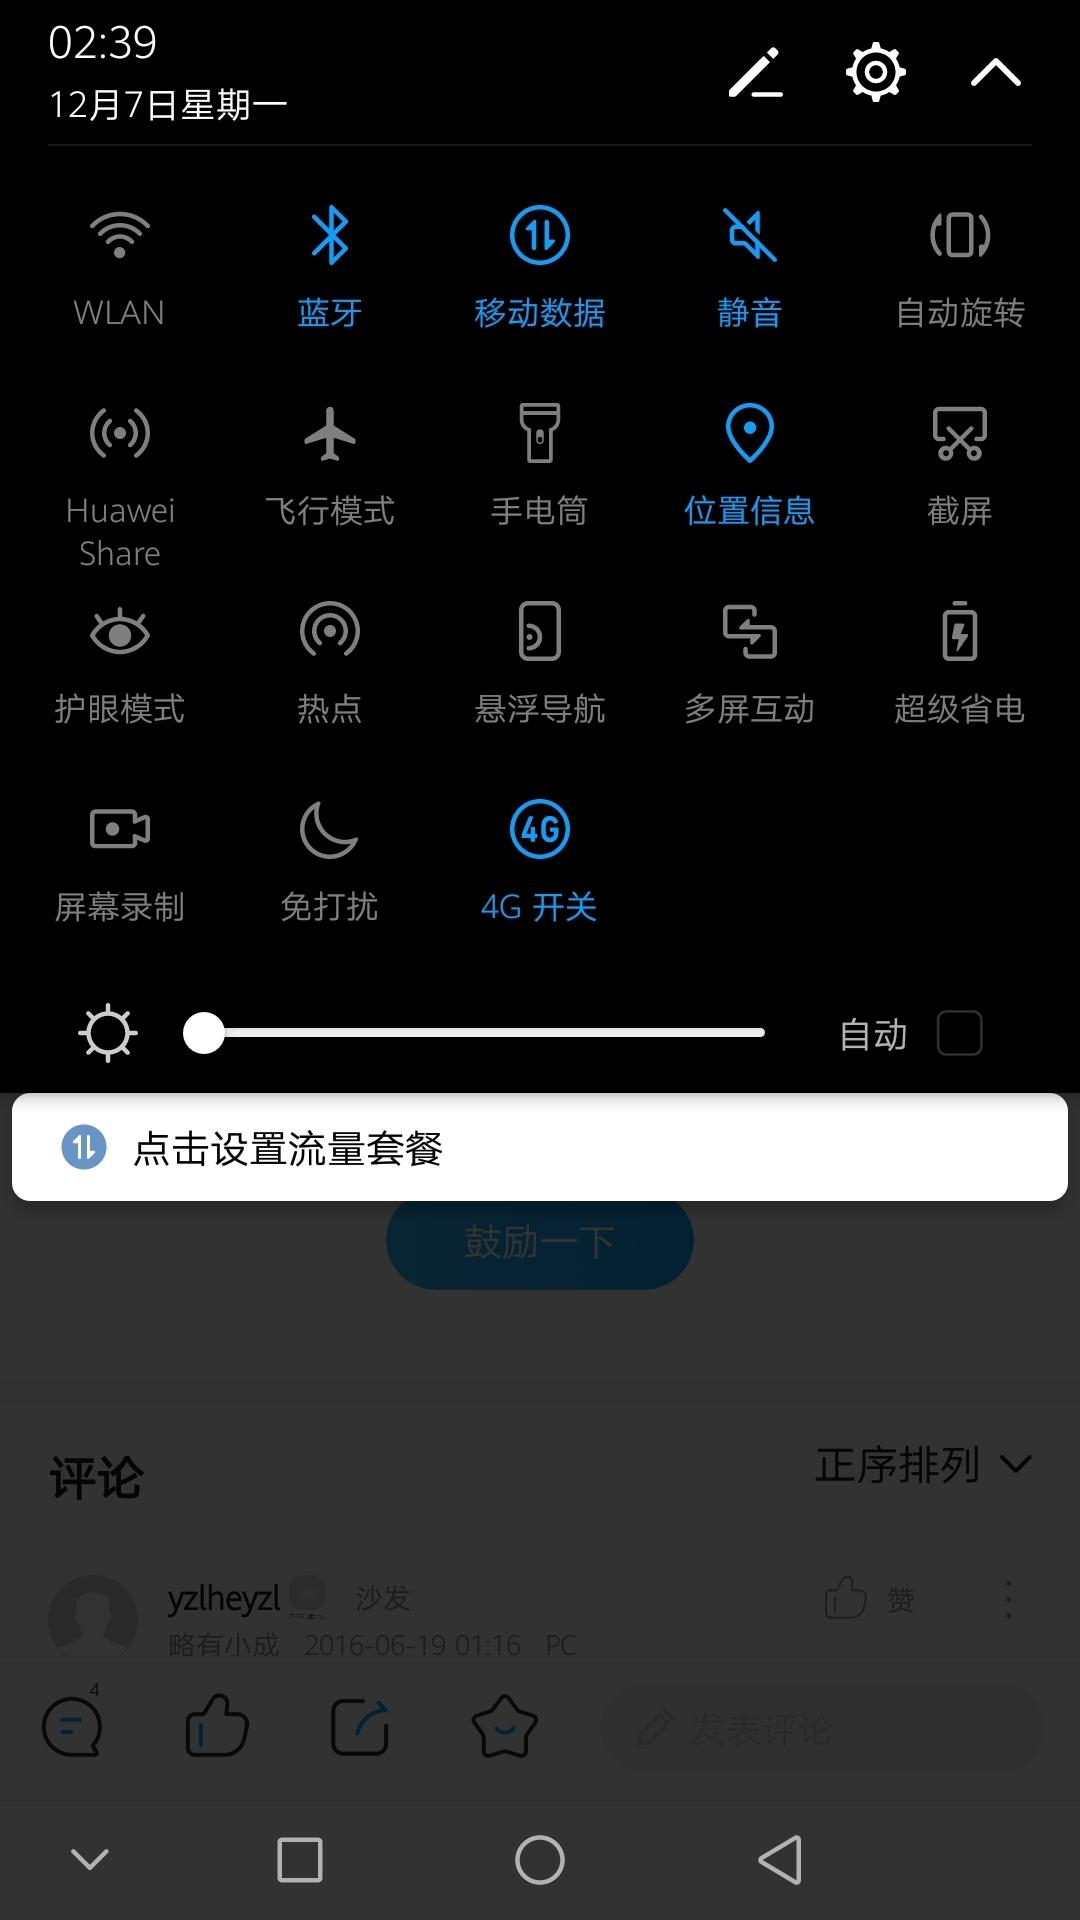 Screenshot_20201207-023940.jpg